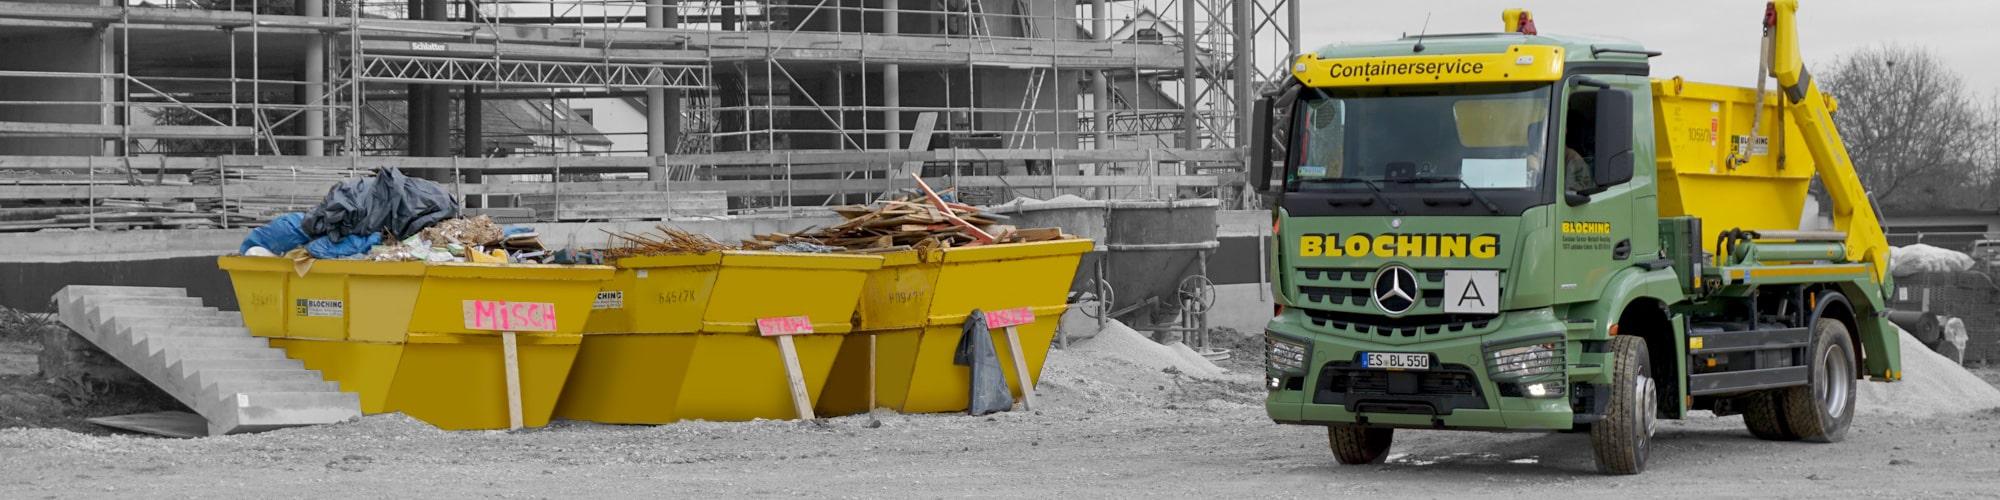 Entsorgung und Recycling verschiedener Abfälle - Bloching